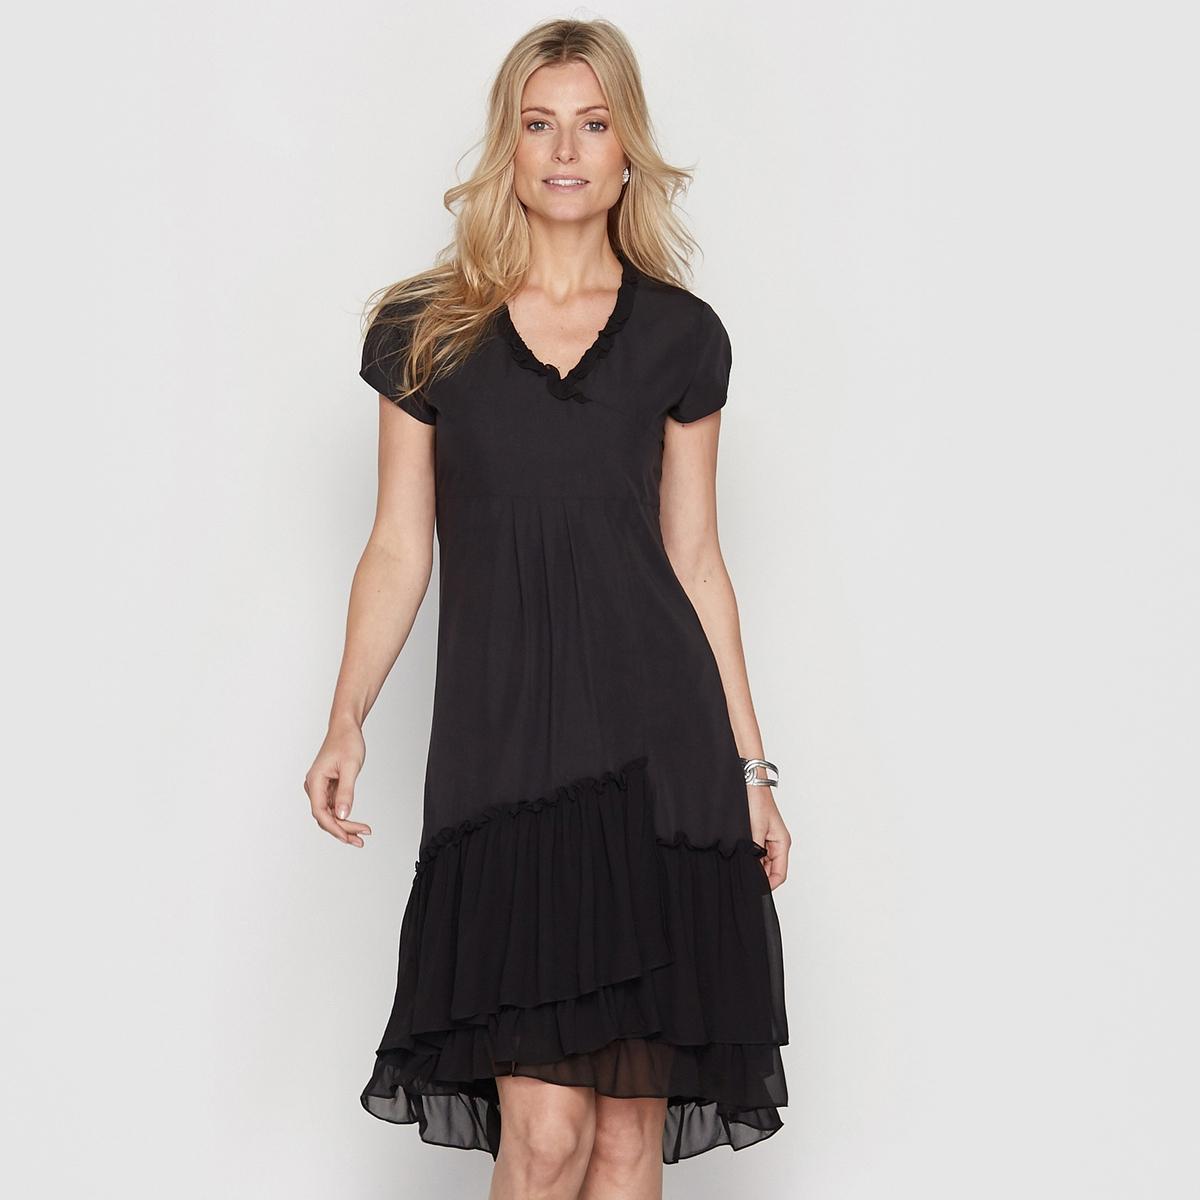 Платье из двух материаловЗастежка на скрытую молнию сбоку. Маленький декоративный бантик на груди.    Подкладка из полиэстера. Длина. 105 см. Микрофибра, 75% вискозы, 25% полиэстера.<br><br>Цвет: черный<br>Размер: 48 (FR) - 54 (RUS)